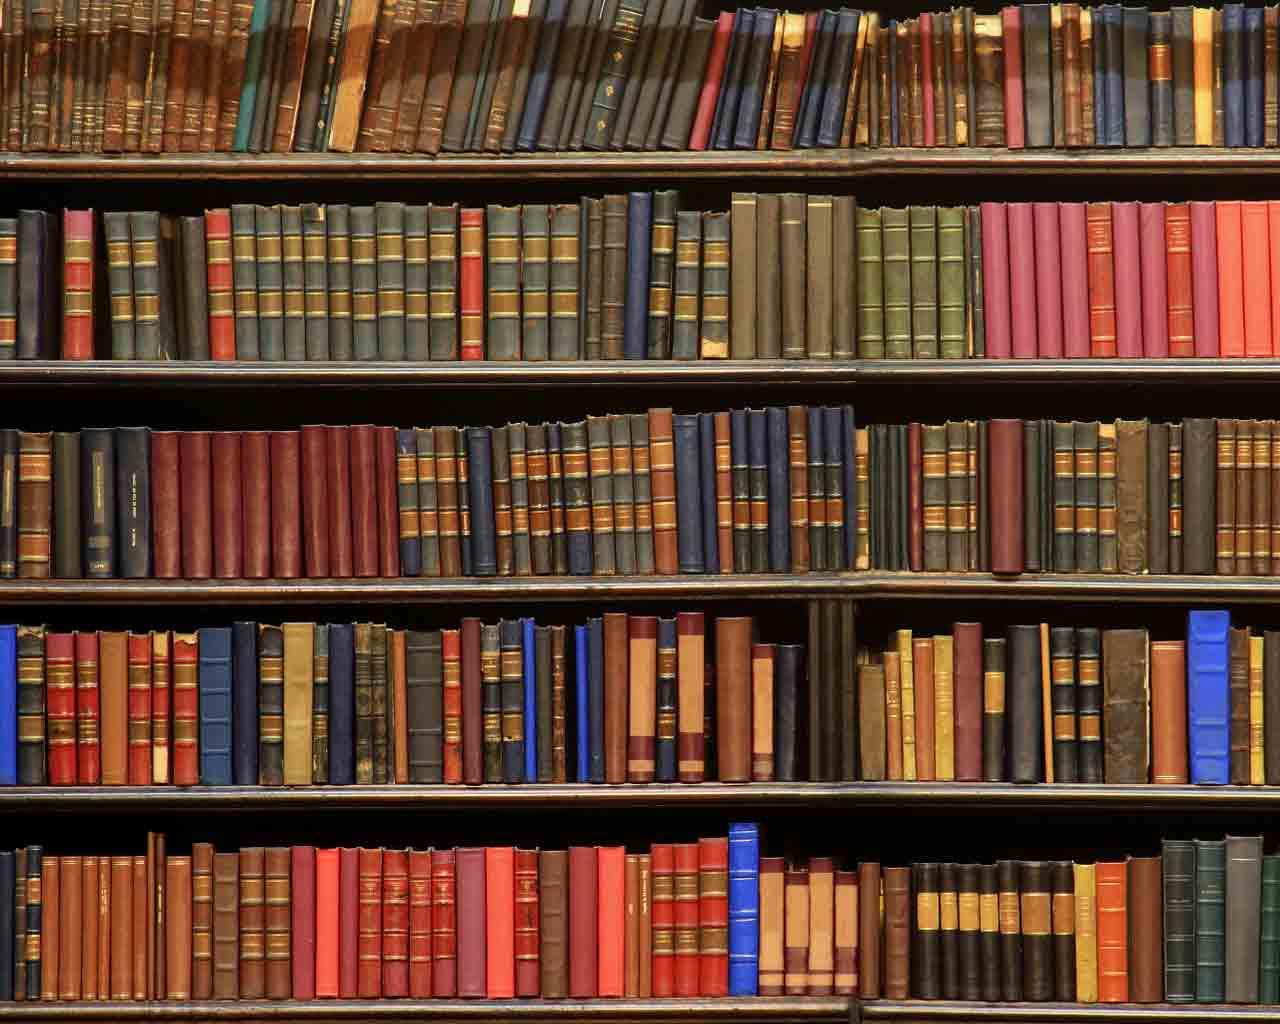 Books Wallpaper library book wallpaper - wallpapersafari